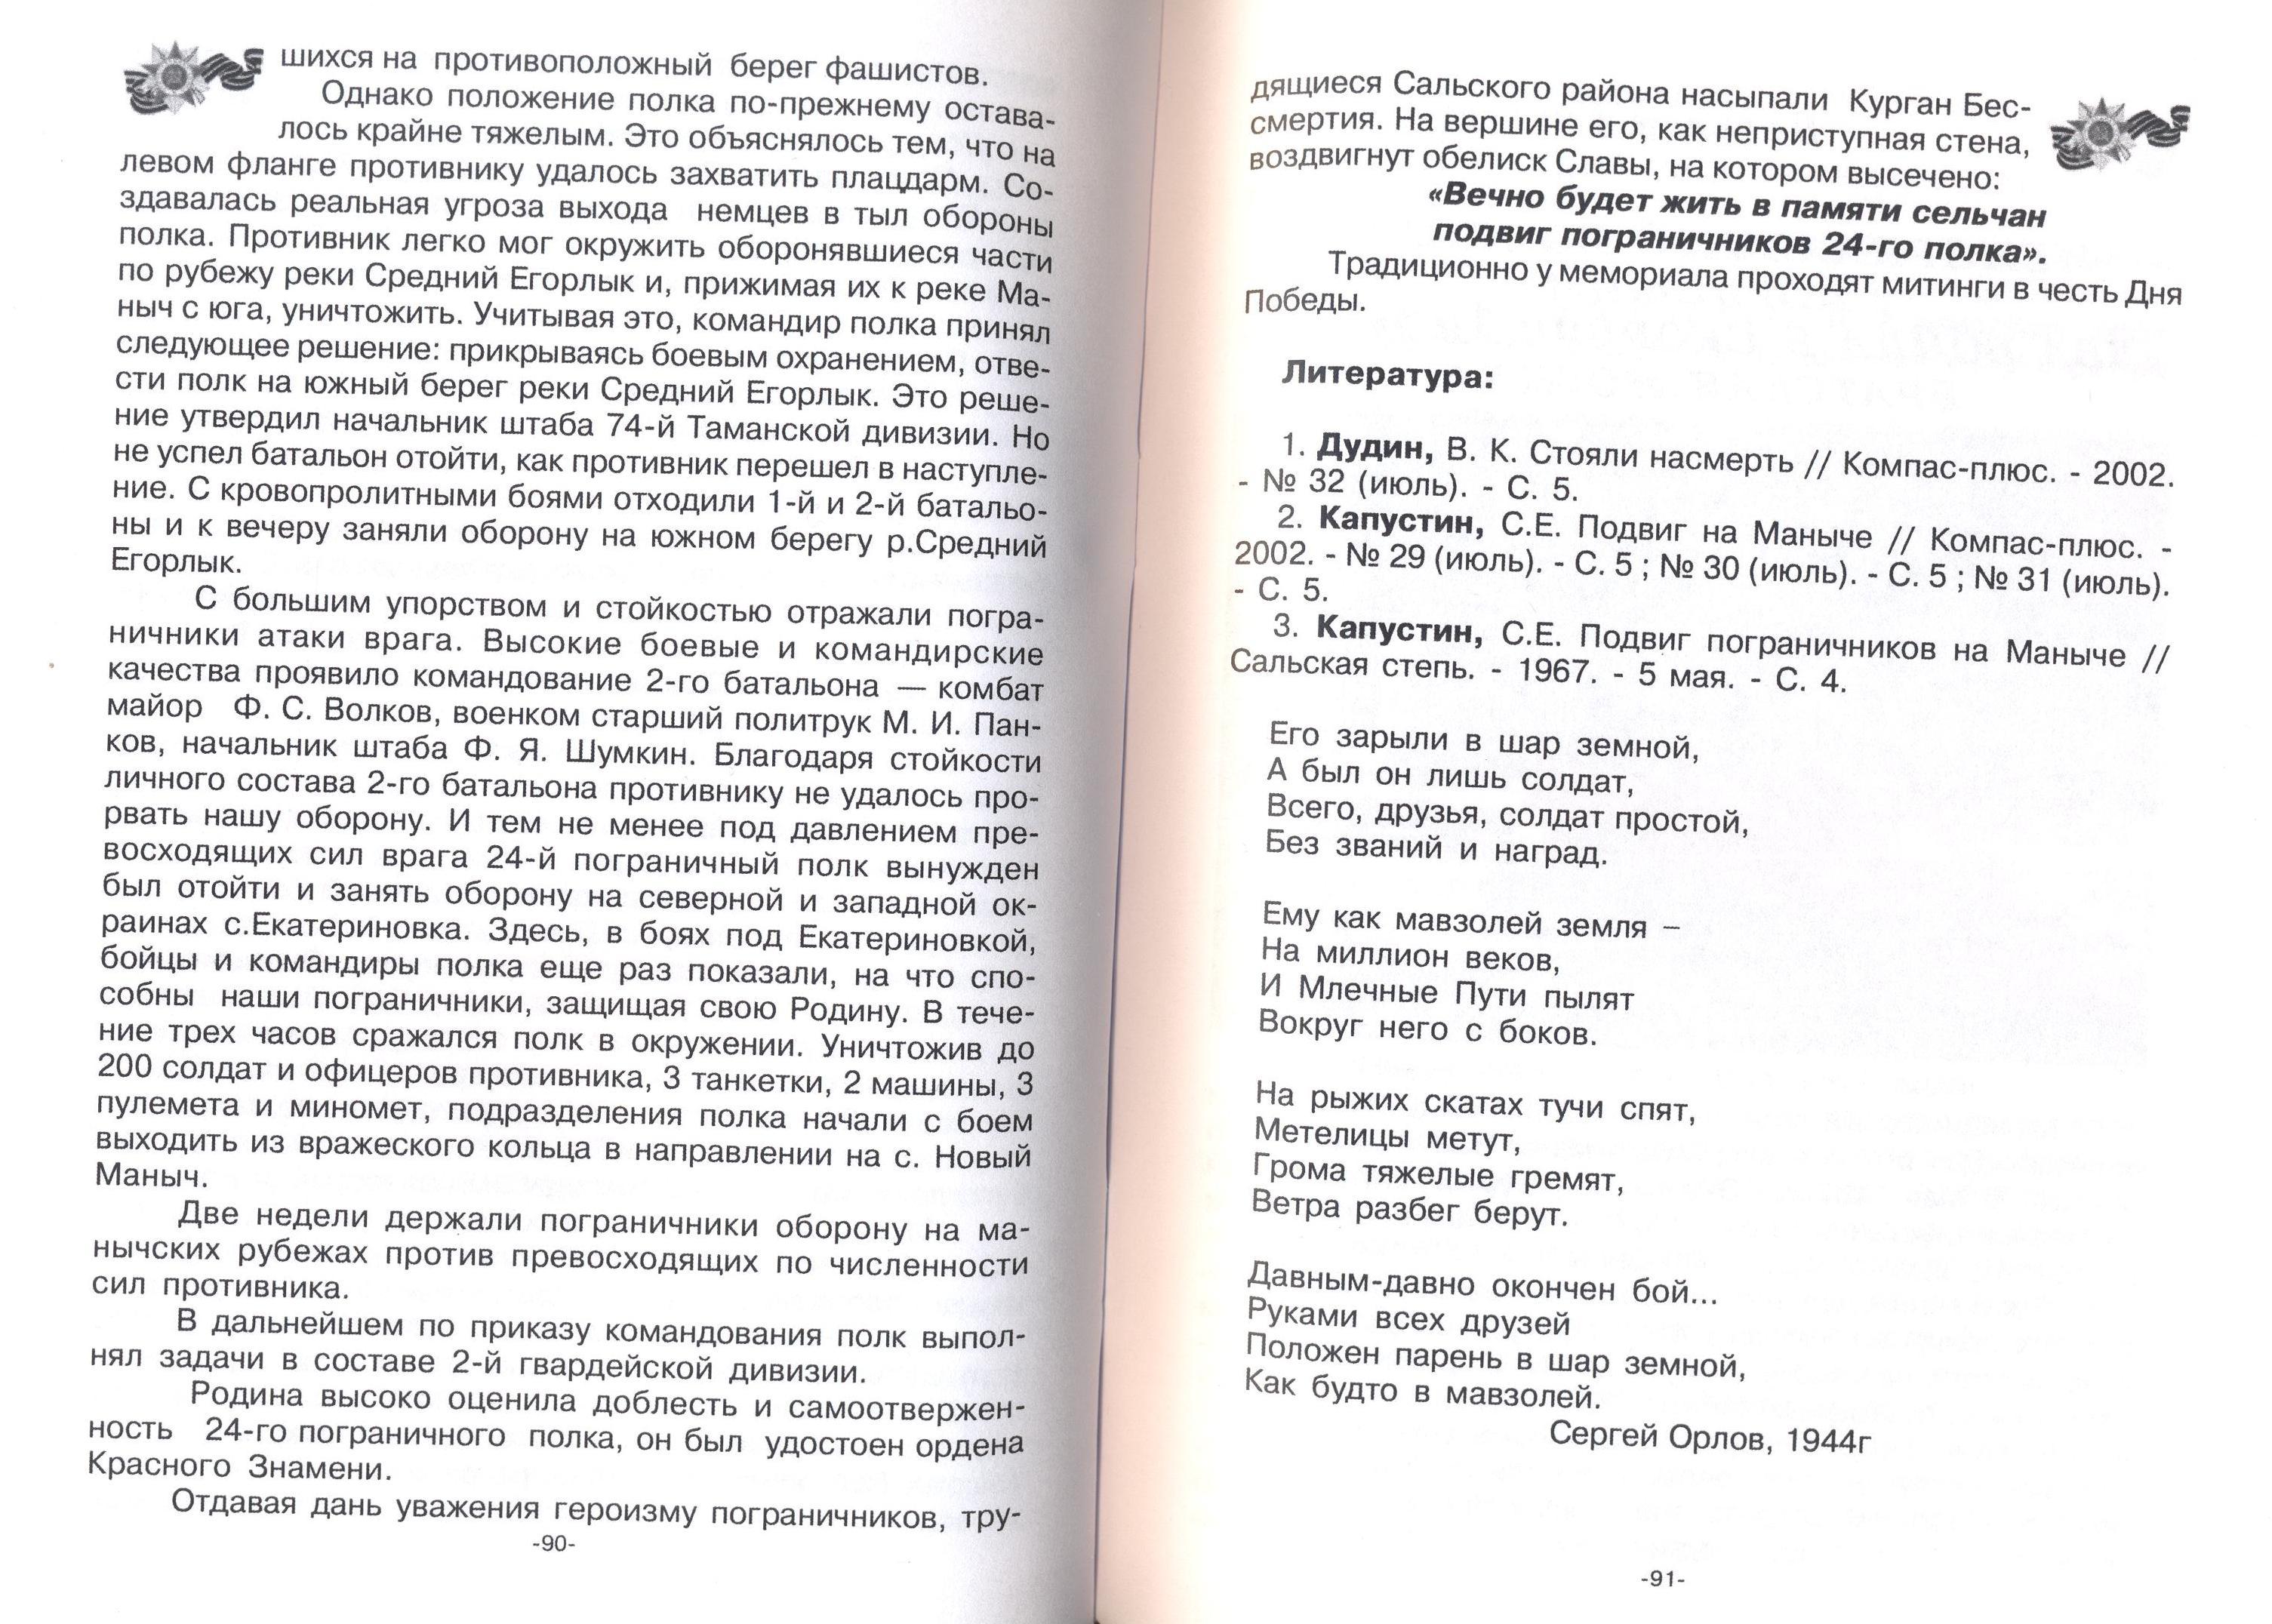 Очерк о мемориале на Маныче (неустановленный журнал) - Страница 3-4